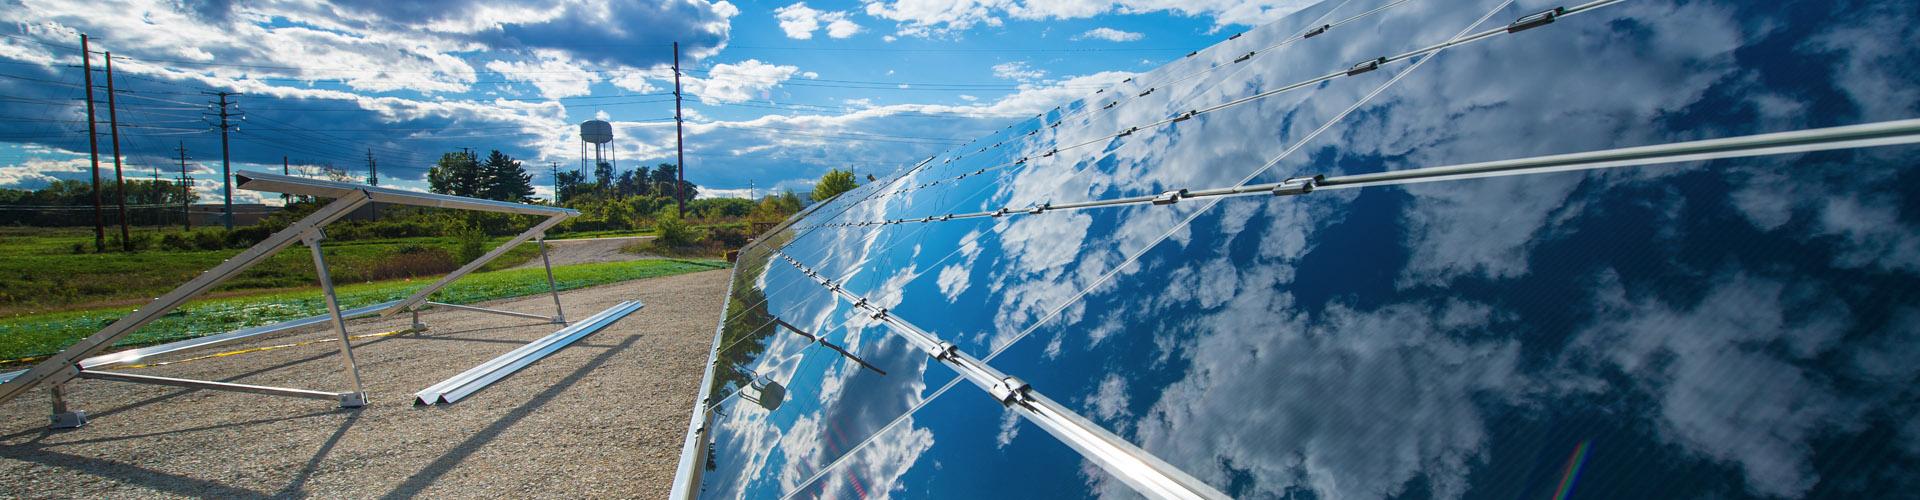 Renewable Energy - Slideshow